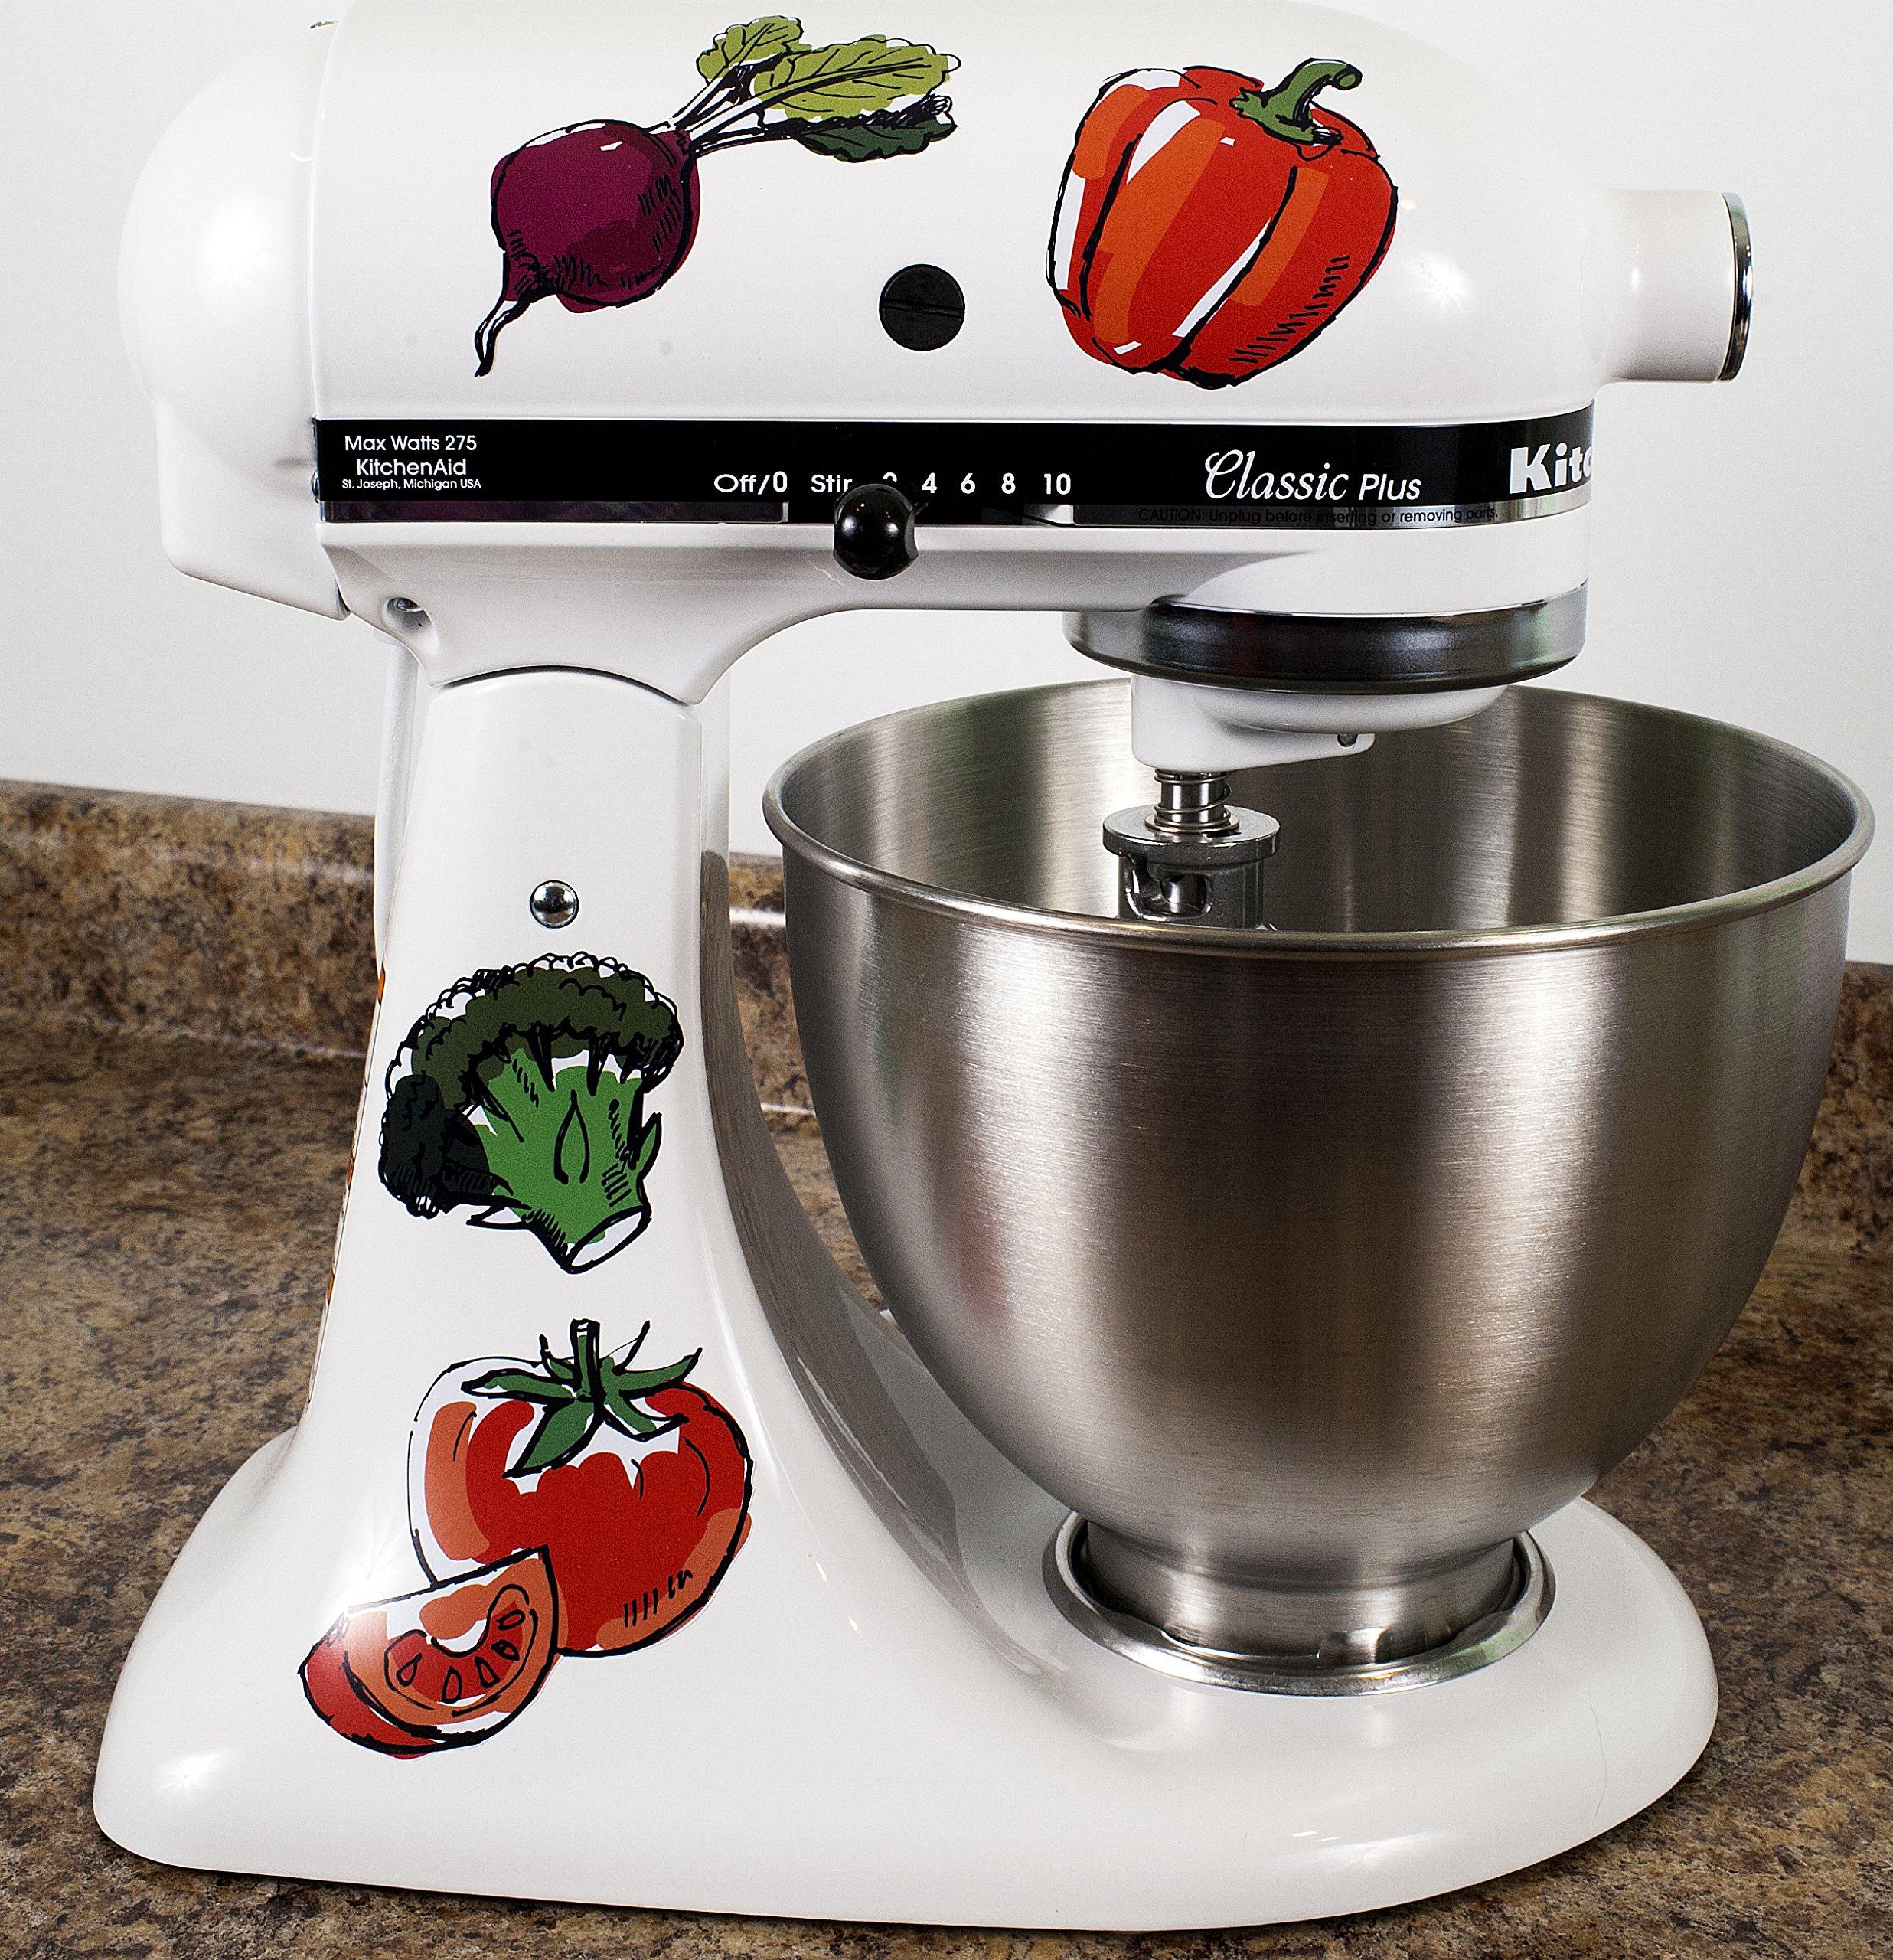 Watercolor Vegan Fresh Veggies Decals for Kitchen Mixer